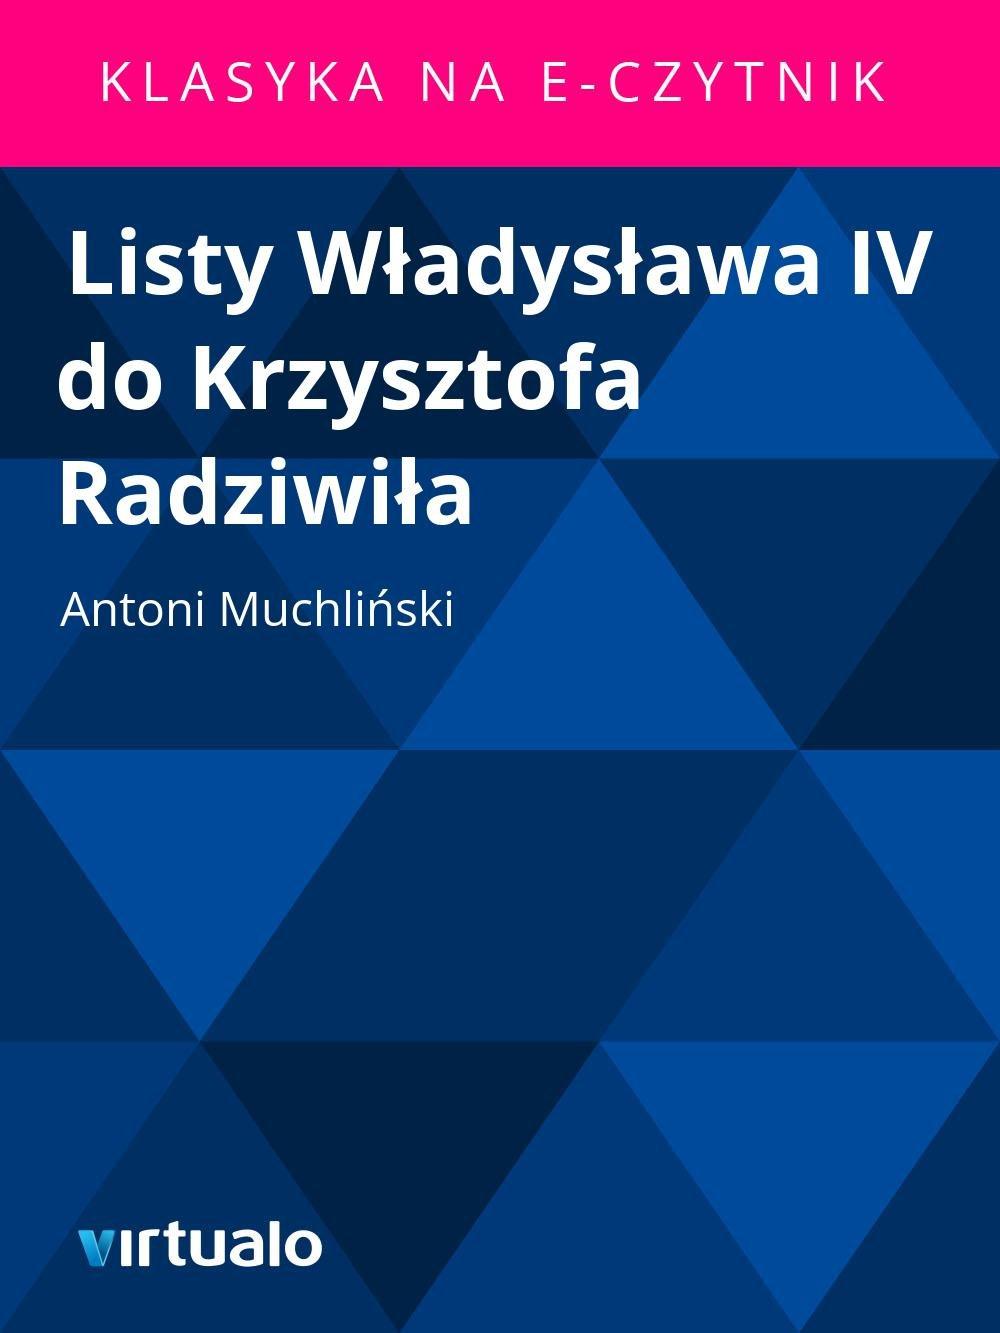 Listy Władysława IV do Krzysztofa Radziwiła - Ebook (Książka EPUB) do pobrania w formacie EPUB